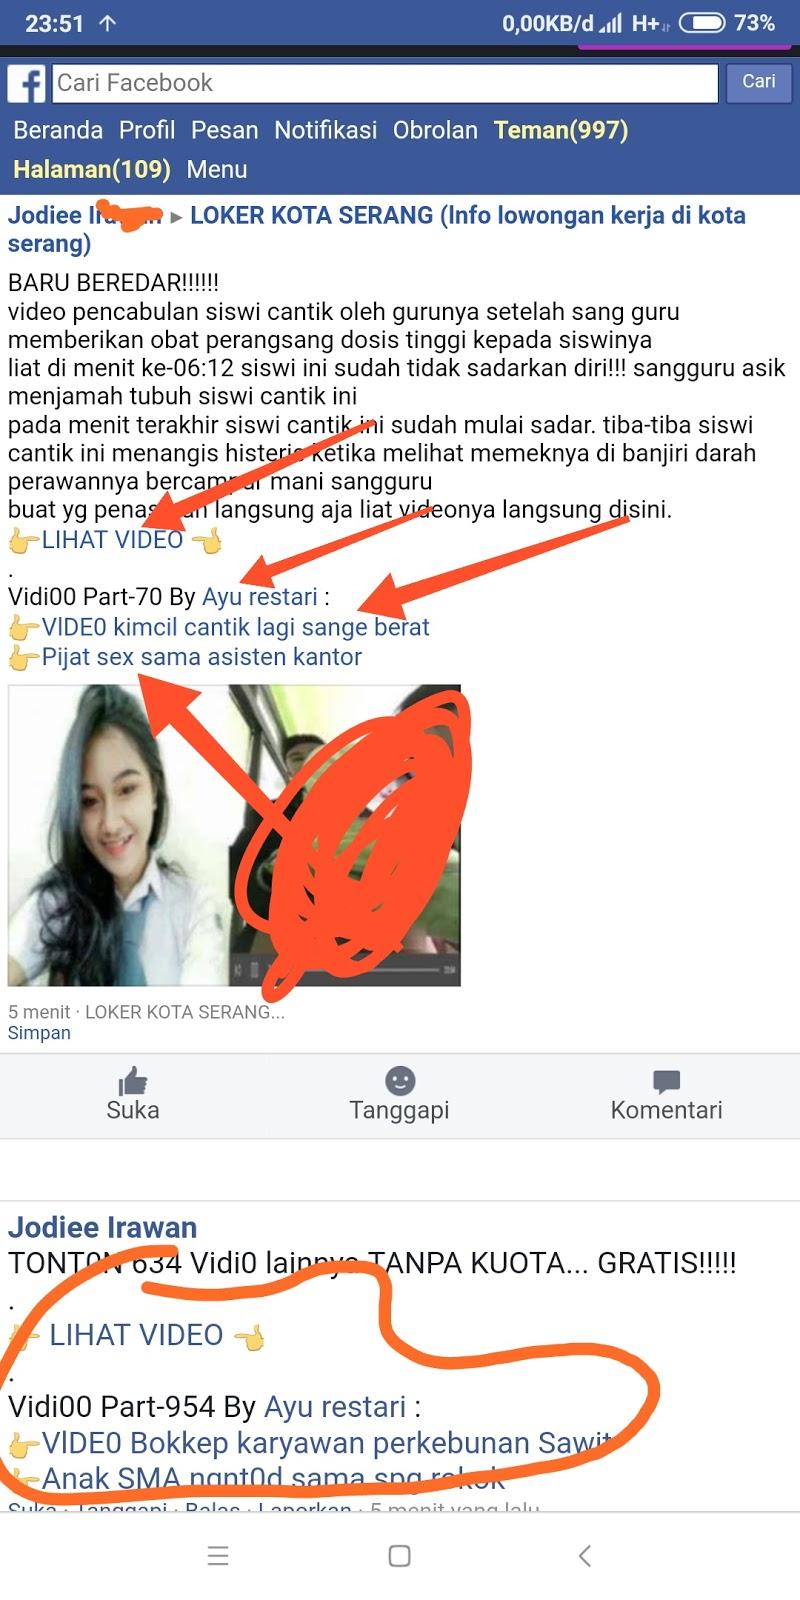 Atasi Facebook dari share otomatis